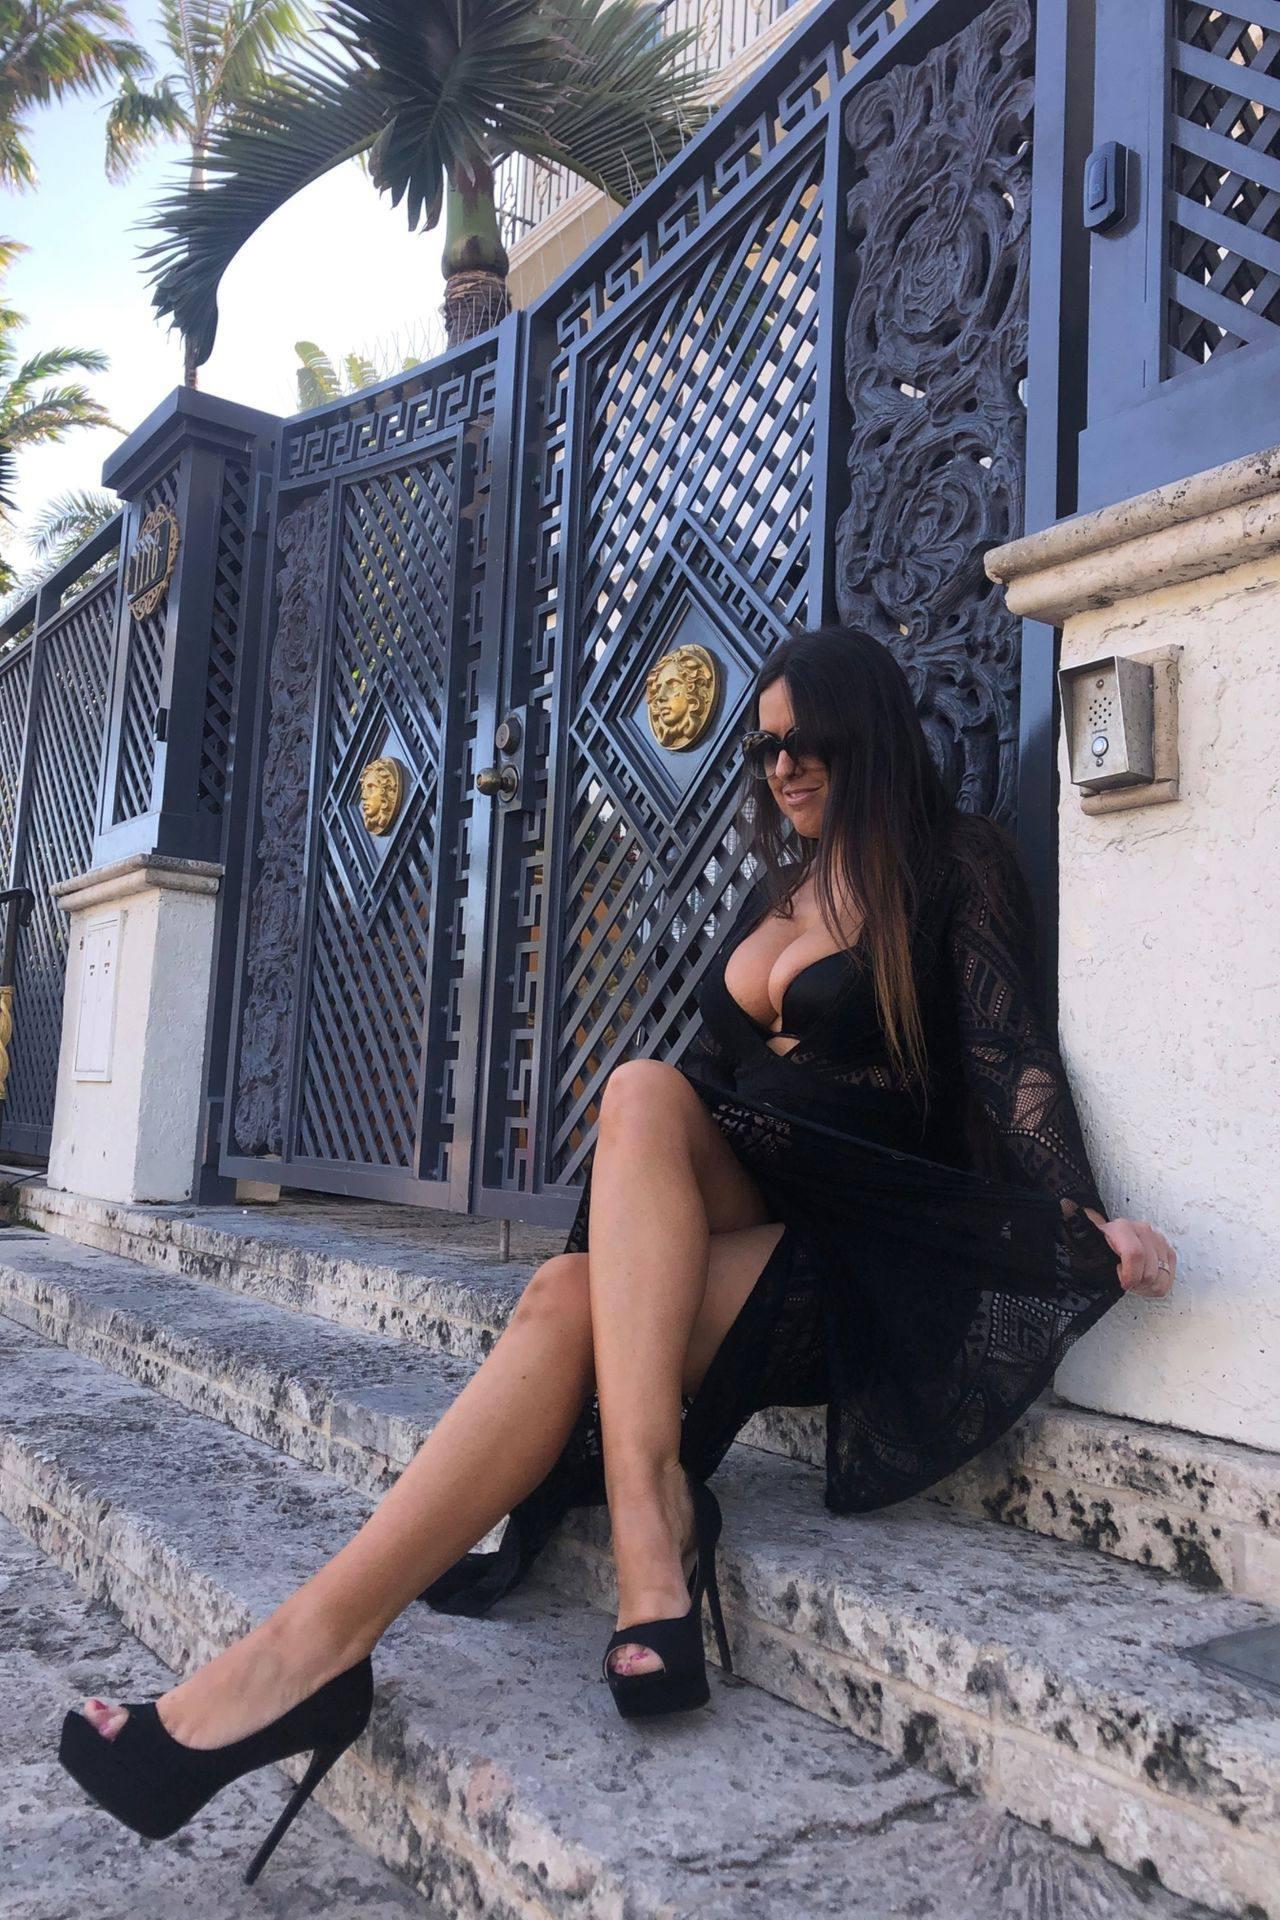 Claudia Romani – Sexy Legs And Big Boobs In Beautiful Black Dress 0007